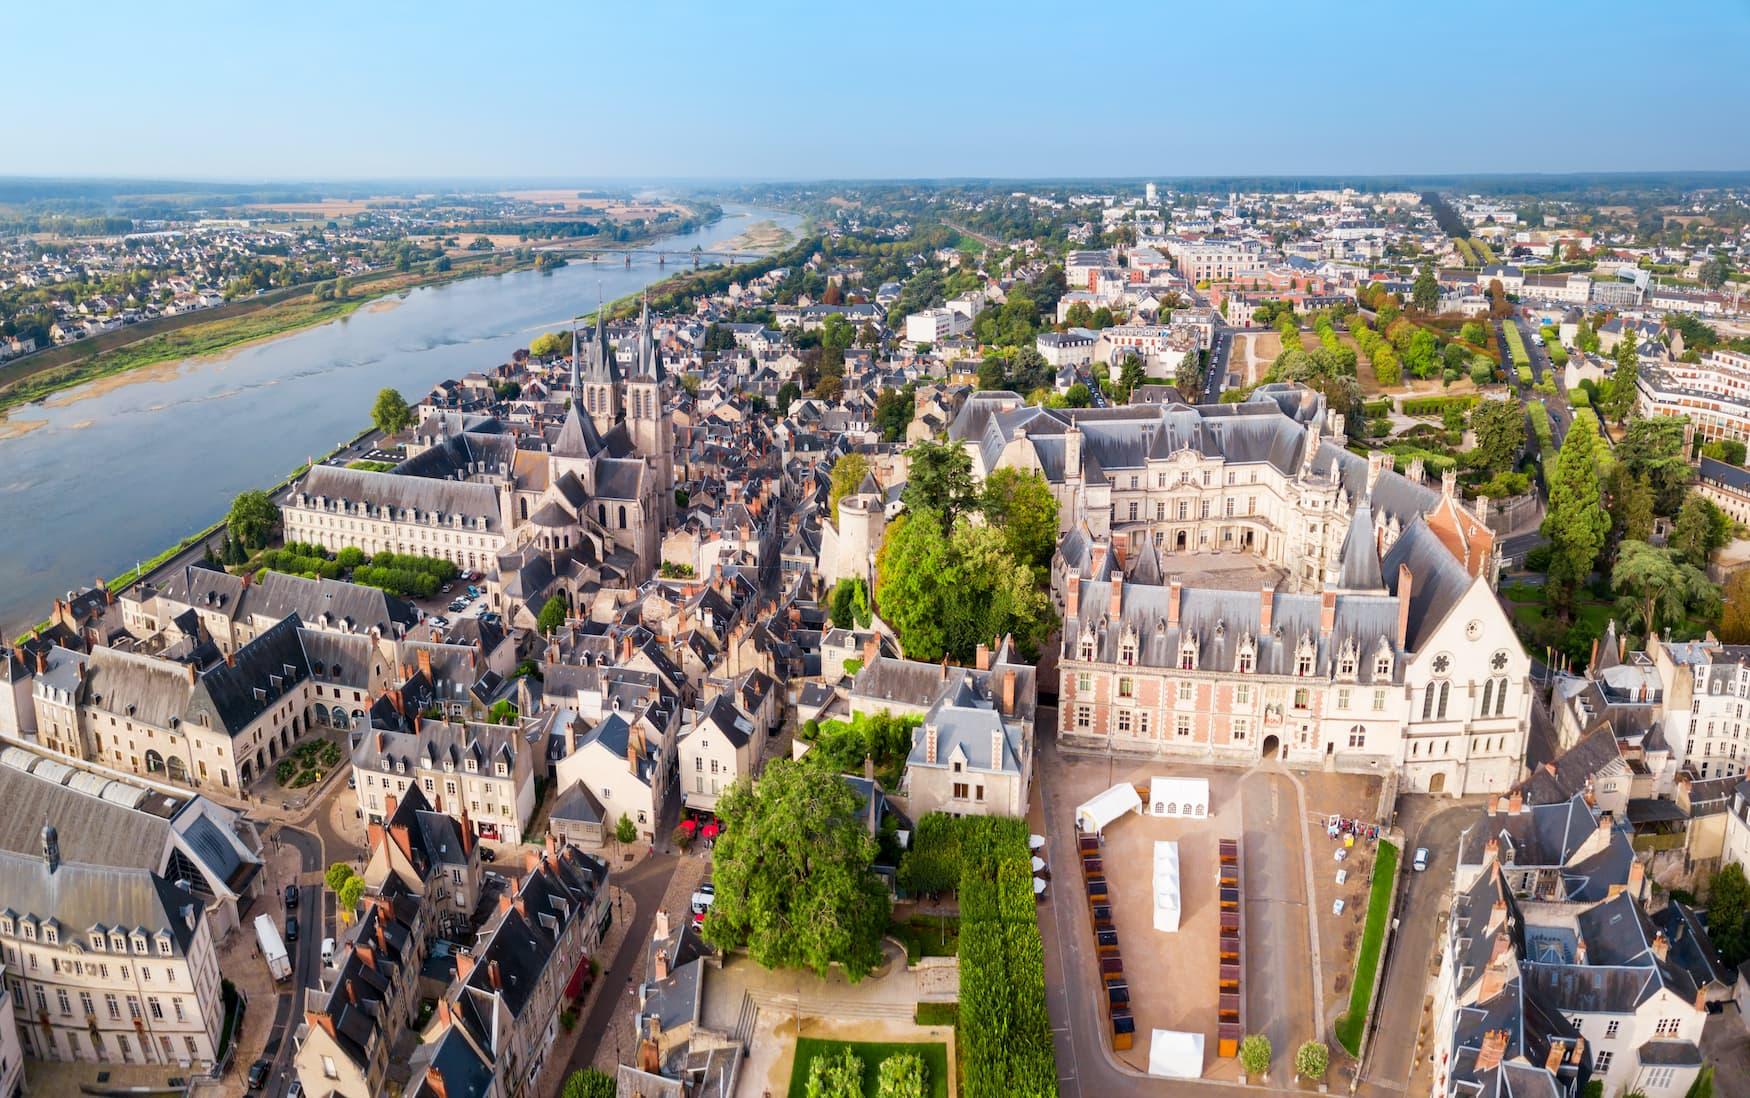 Eines der schönsten Schlösser an der Loire ist das Königsschloss Blois